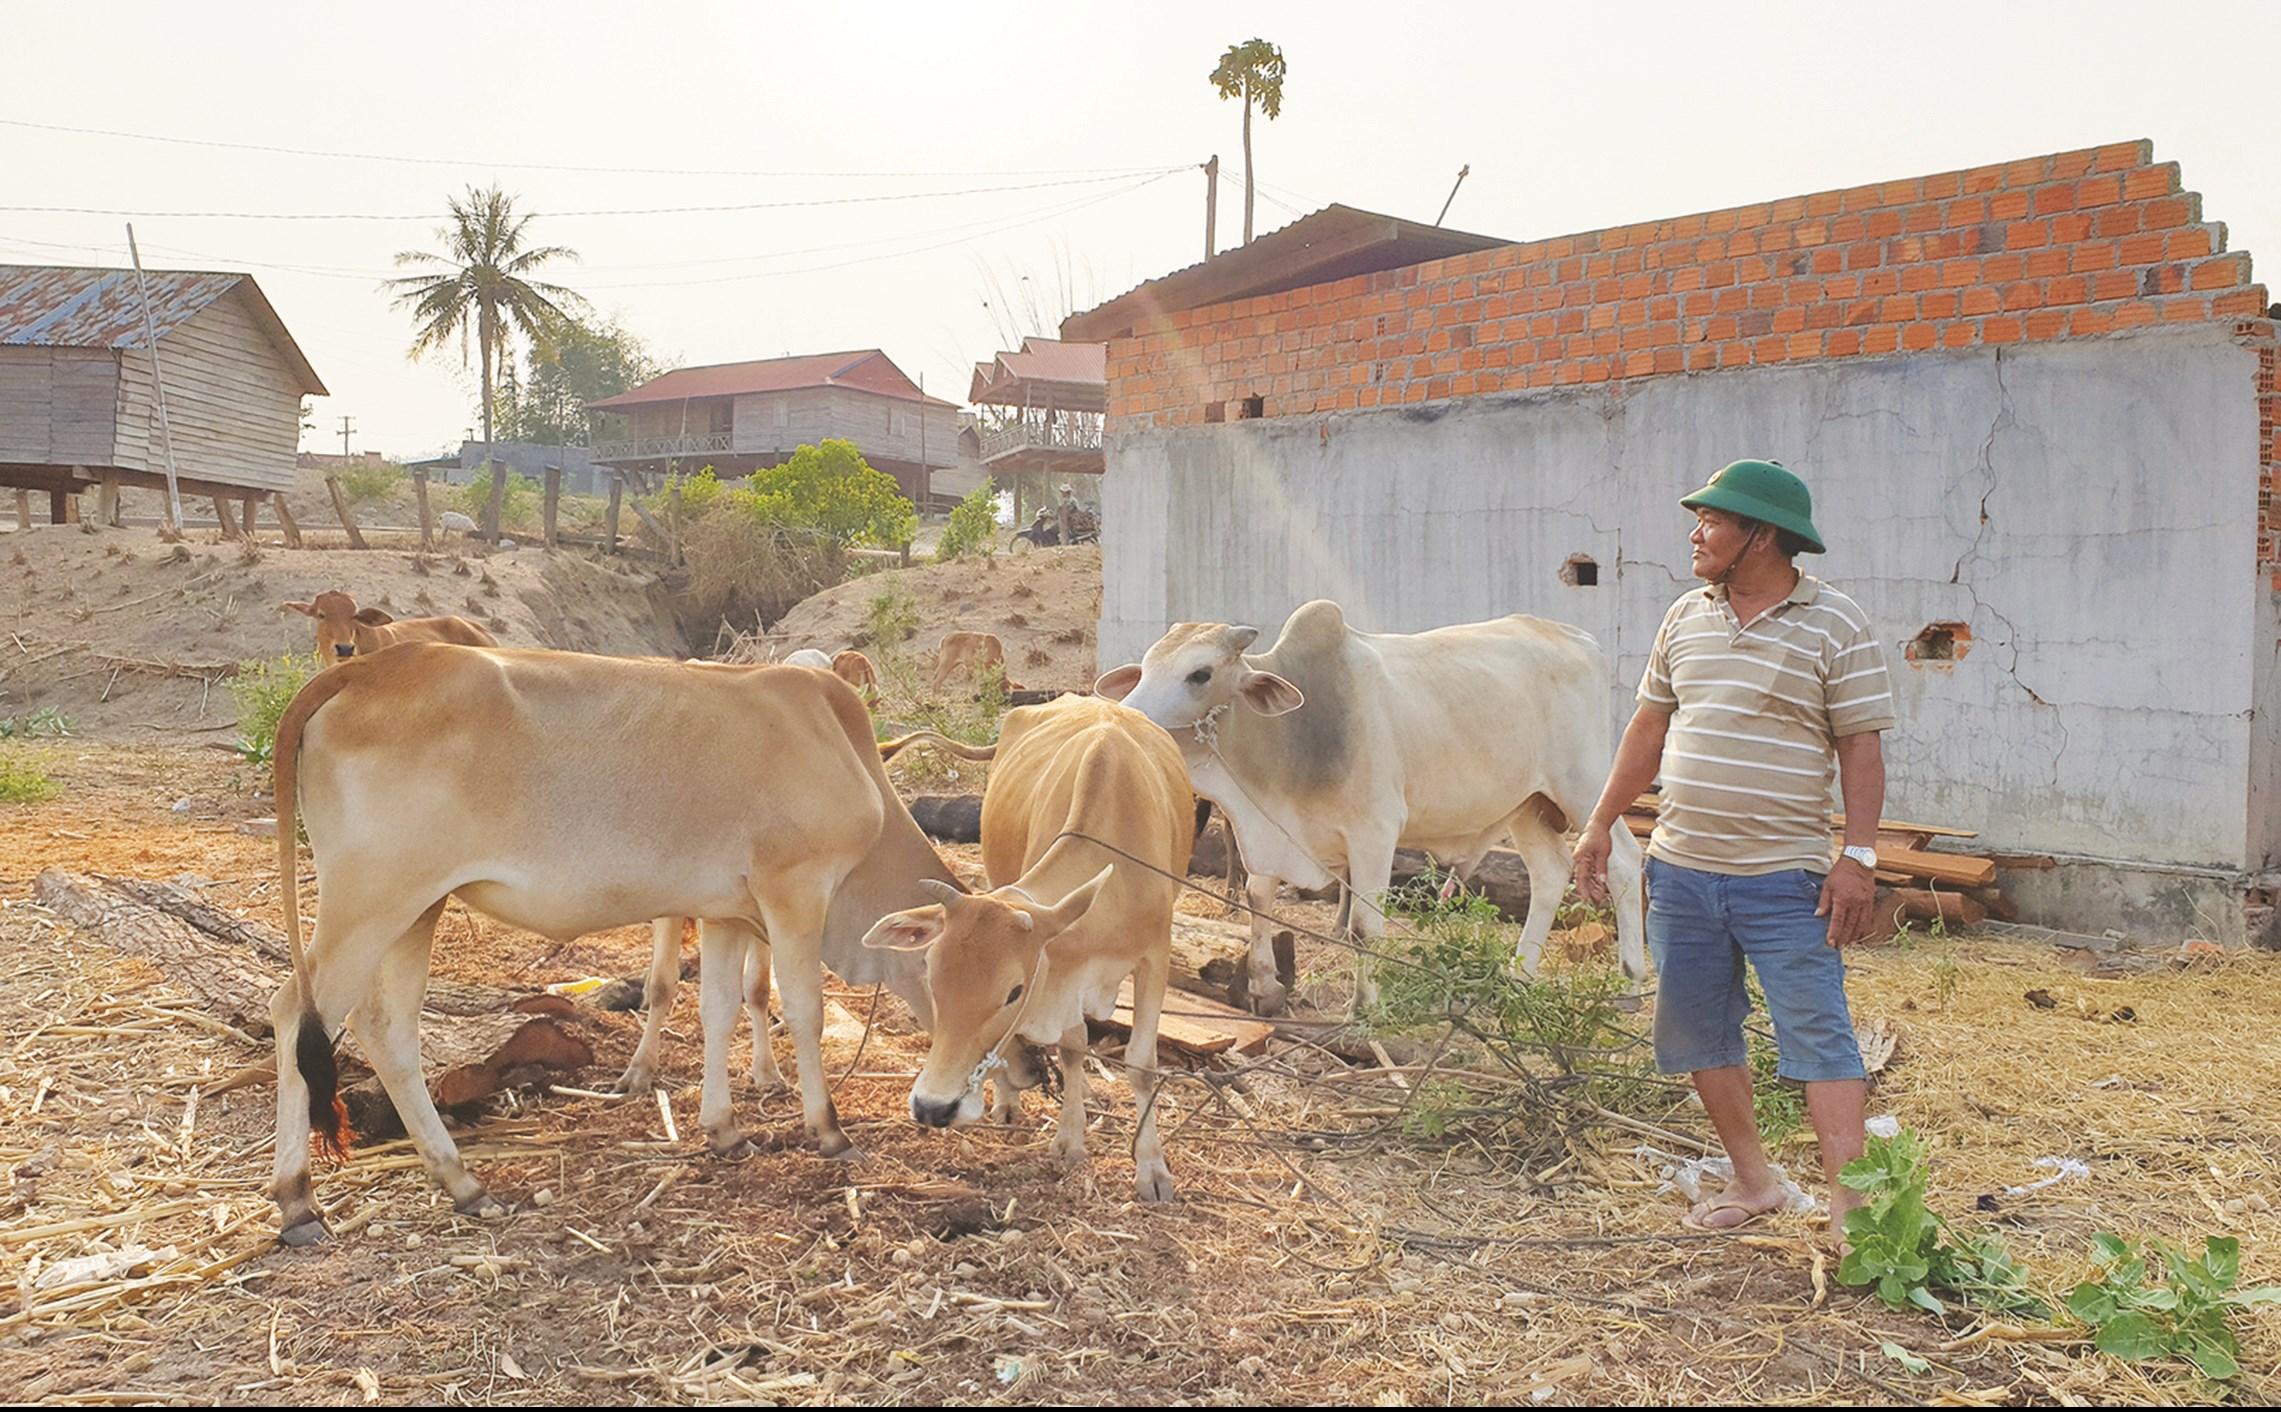 Tại làng Vơn, ông Đinh Văn Chiêm là tấm gương làm kinh tế giỏi. Hiện nay ông có 5 sào lúa, 3ha mì và 20 con bò